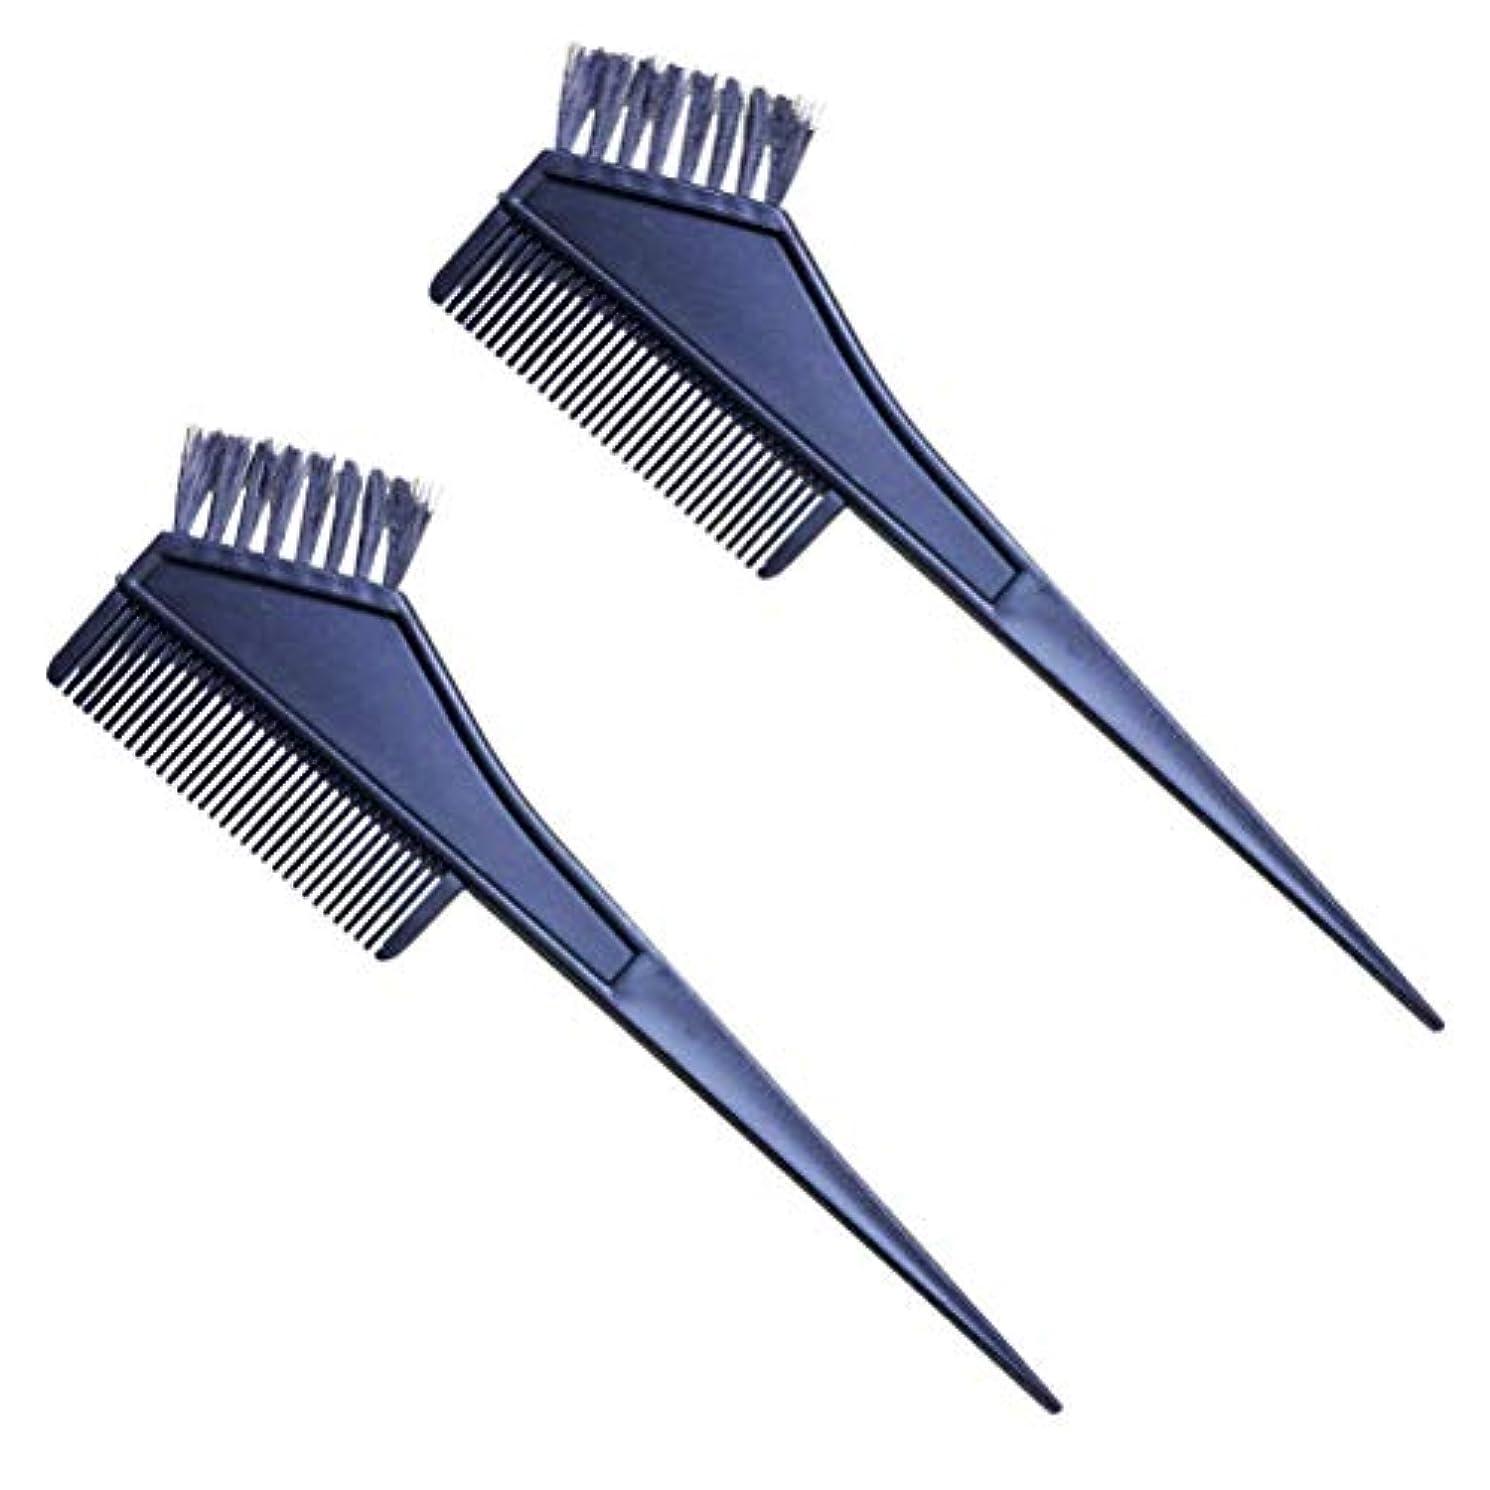 知り合い委託表面的なFrcolor ヘアダイブラシ ヘアカラーブラシ ヘアダイコーム 白髪染め 家庭用 美容師プロ用 プラスチック製 2本セット(黒)